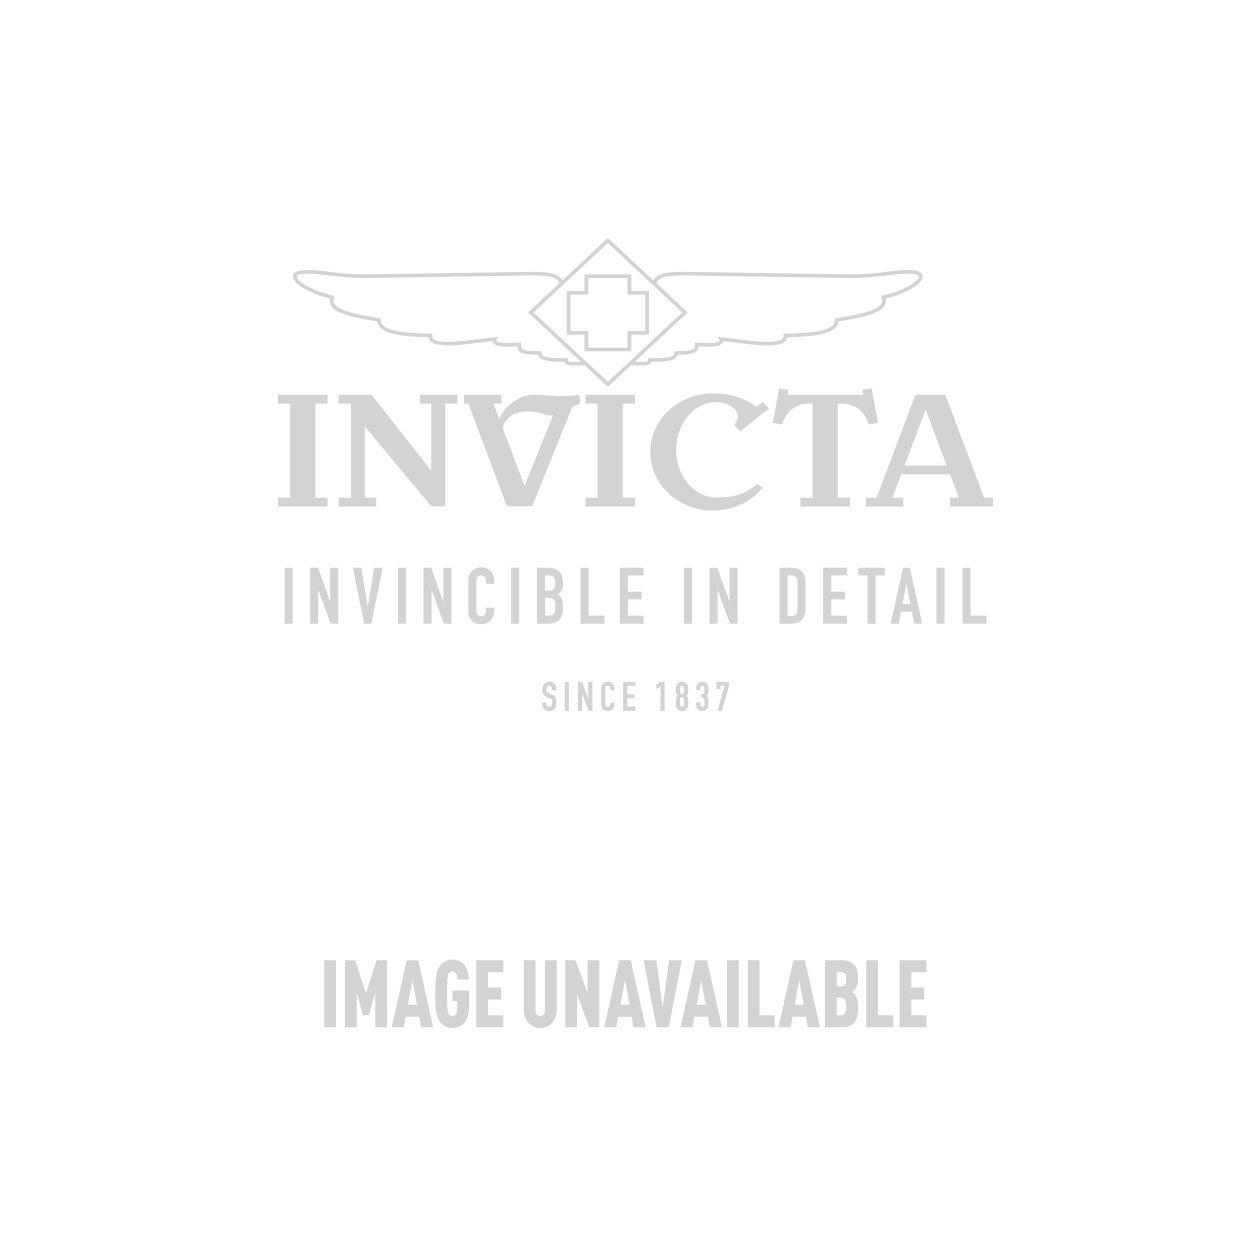 Invicta Model 24812